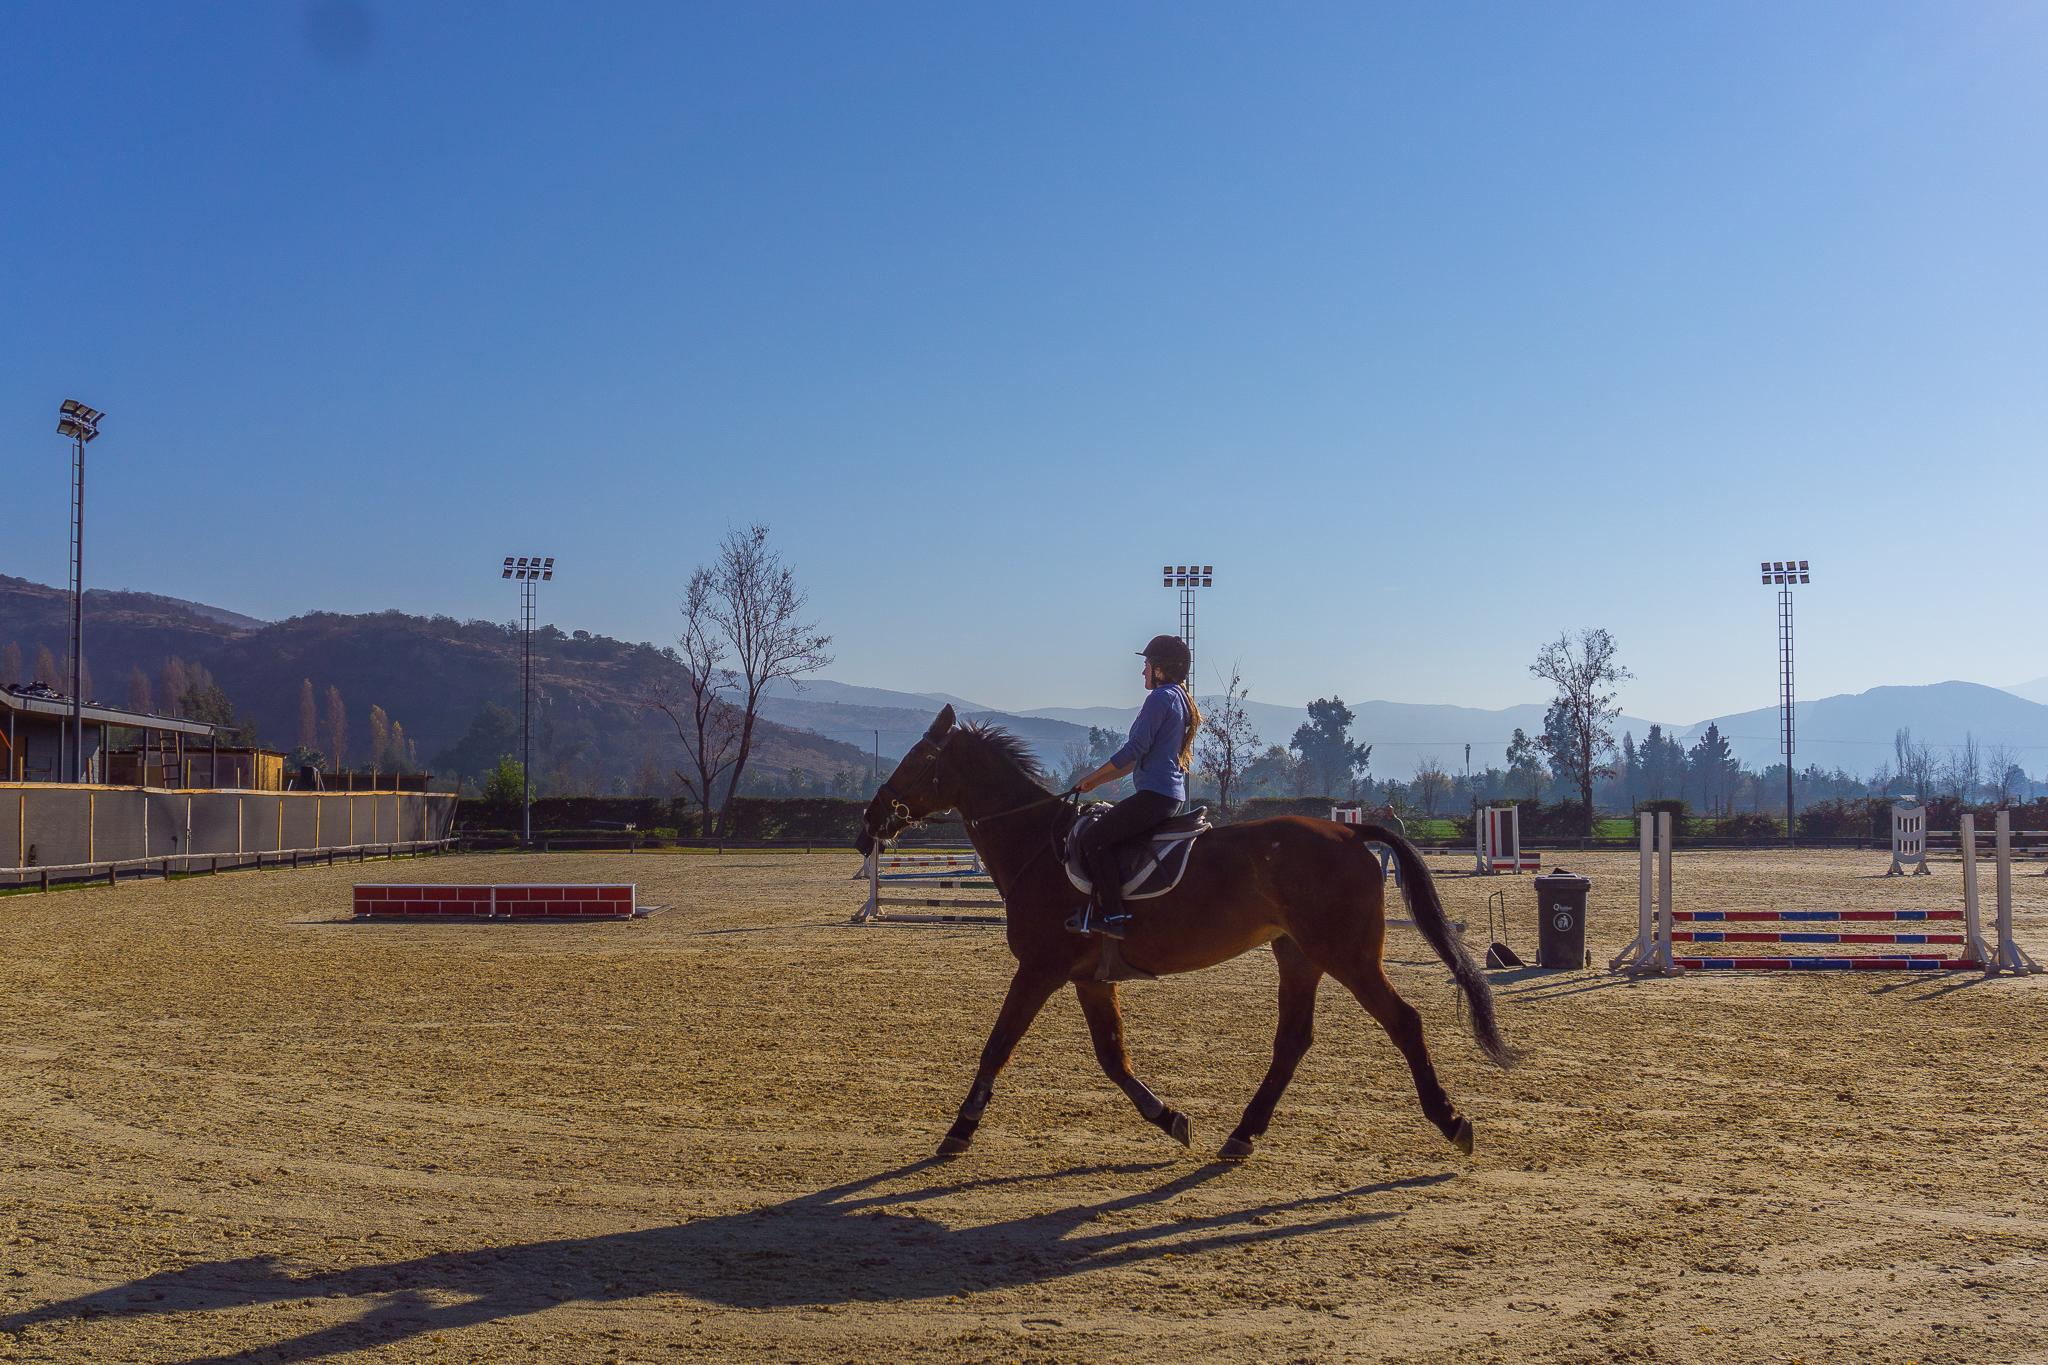 Clases de Equitación Adultos trote